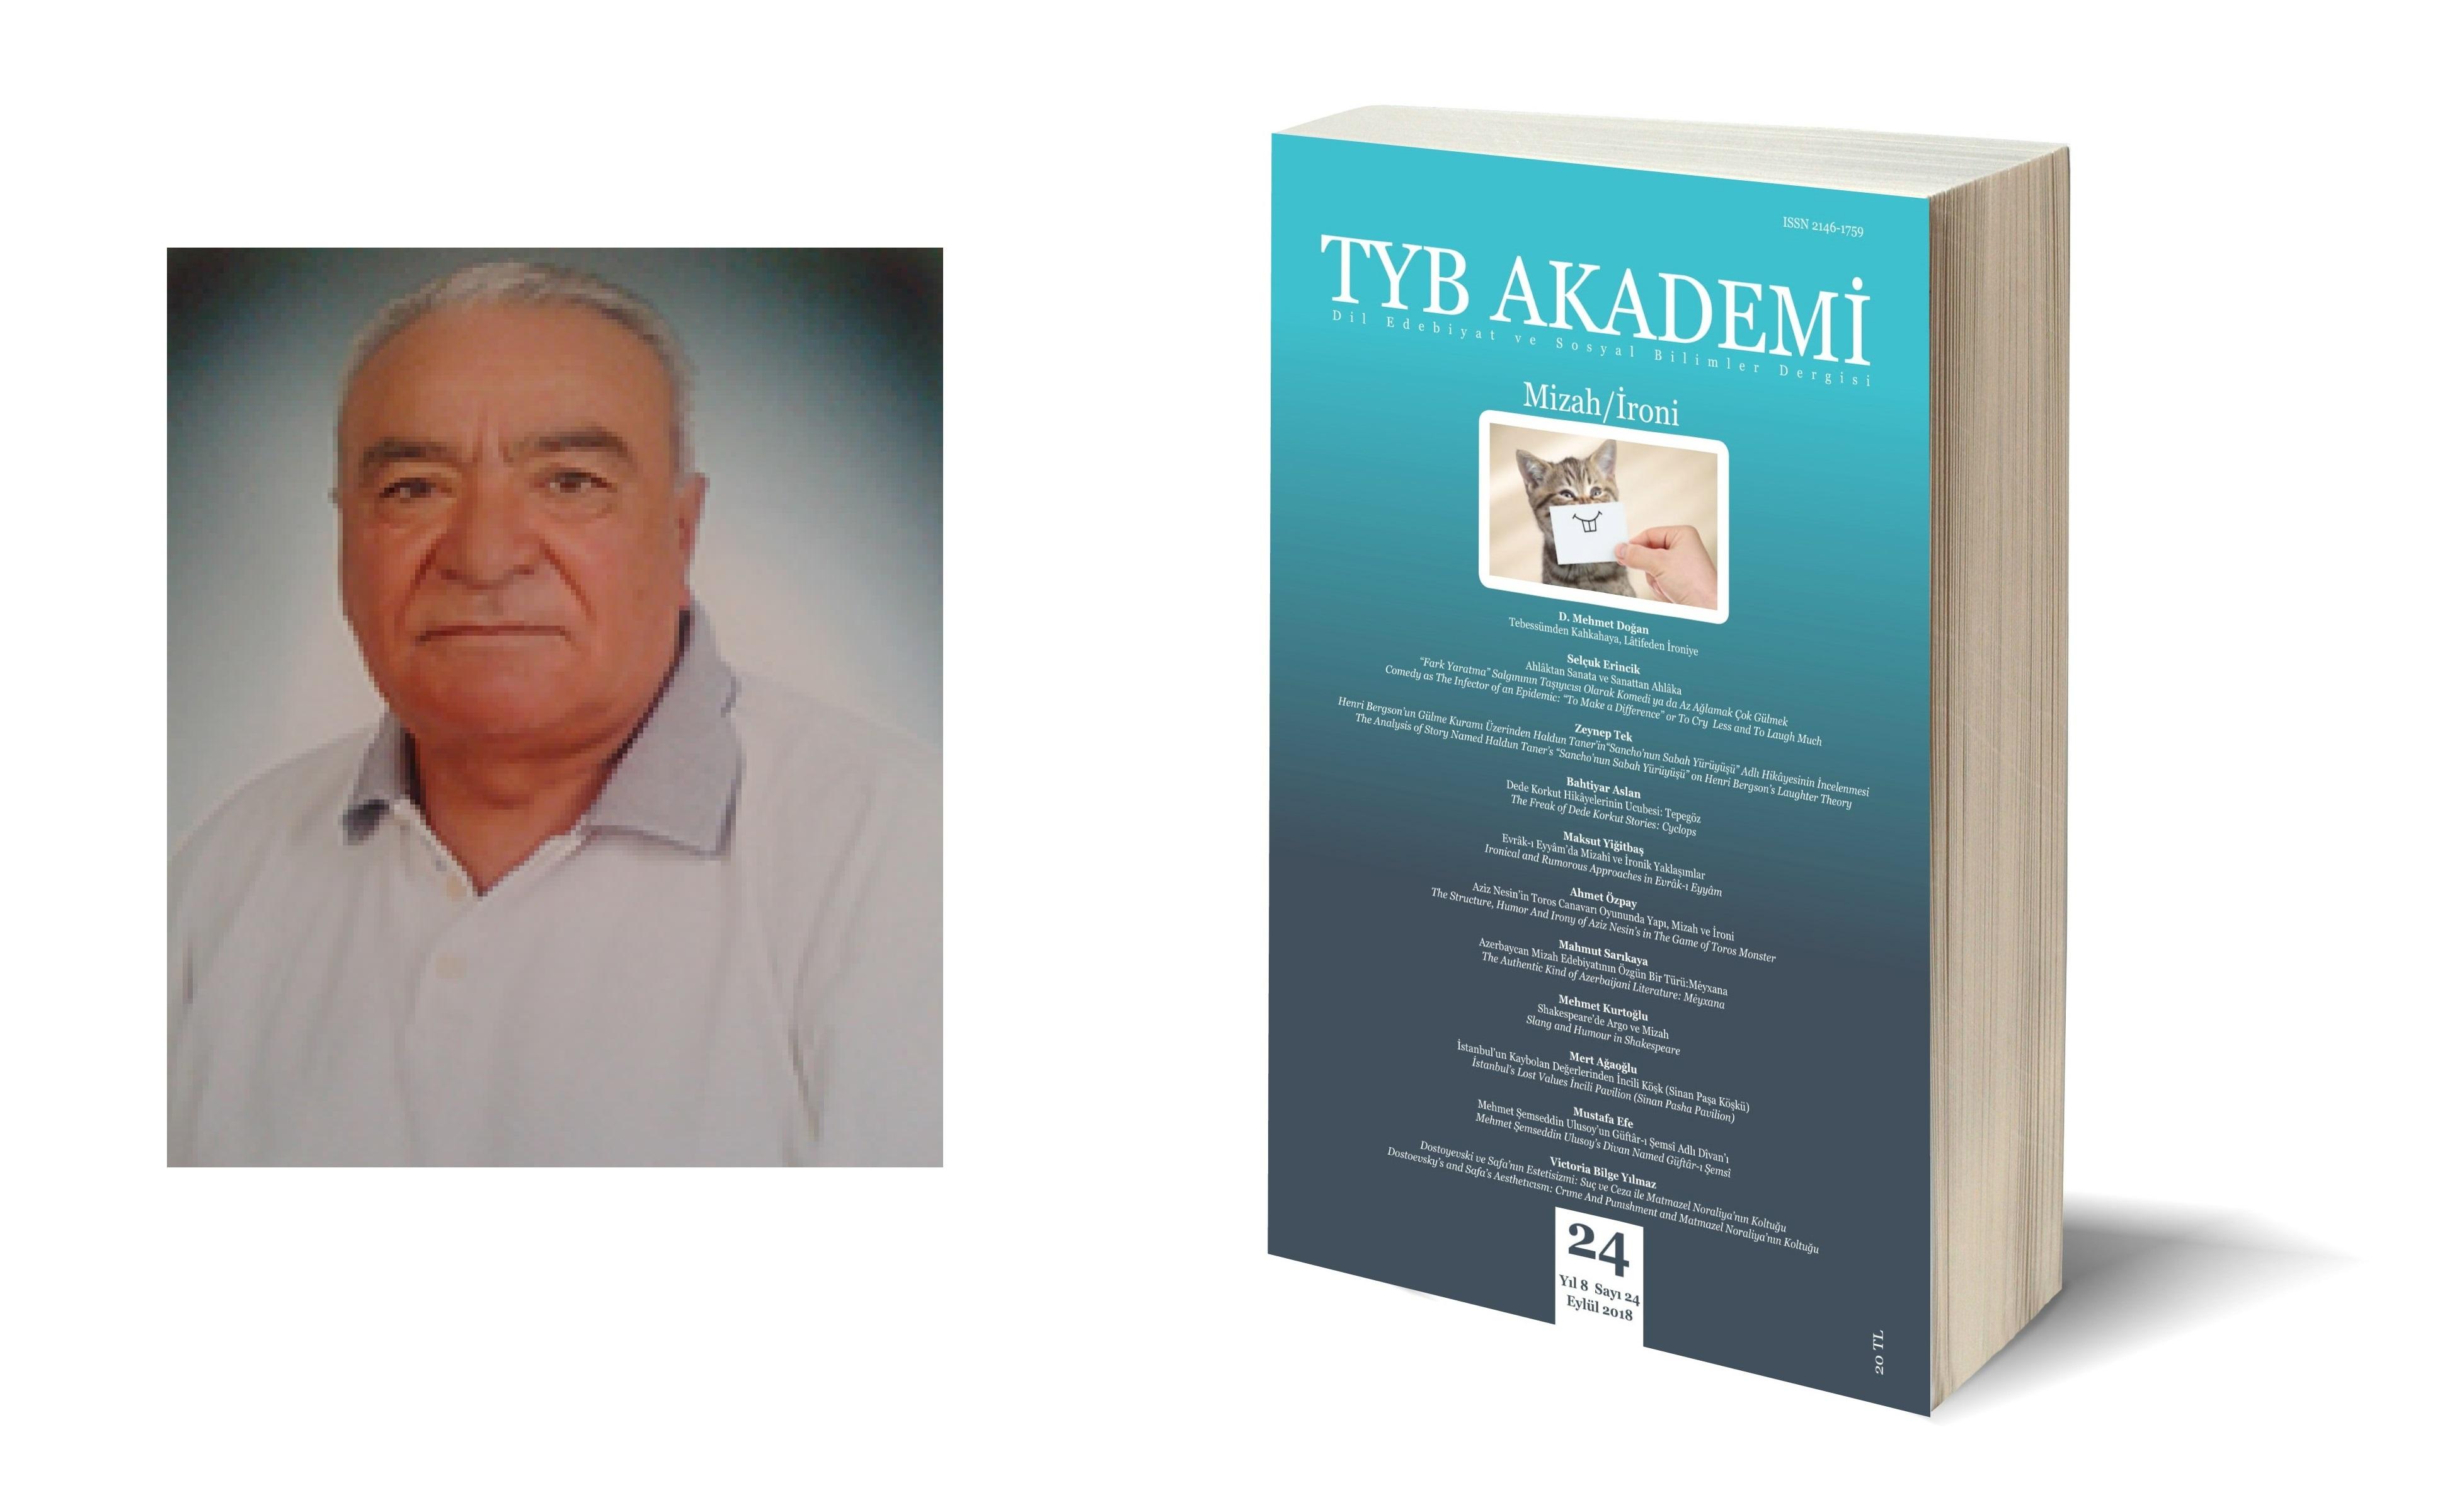 Azerbaycan Mizah Edebiyatının Özgün Bir Türü: Mėyxana